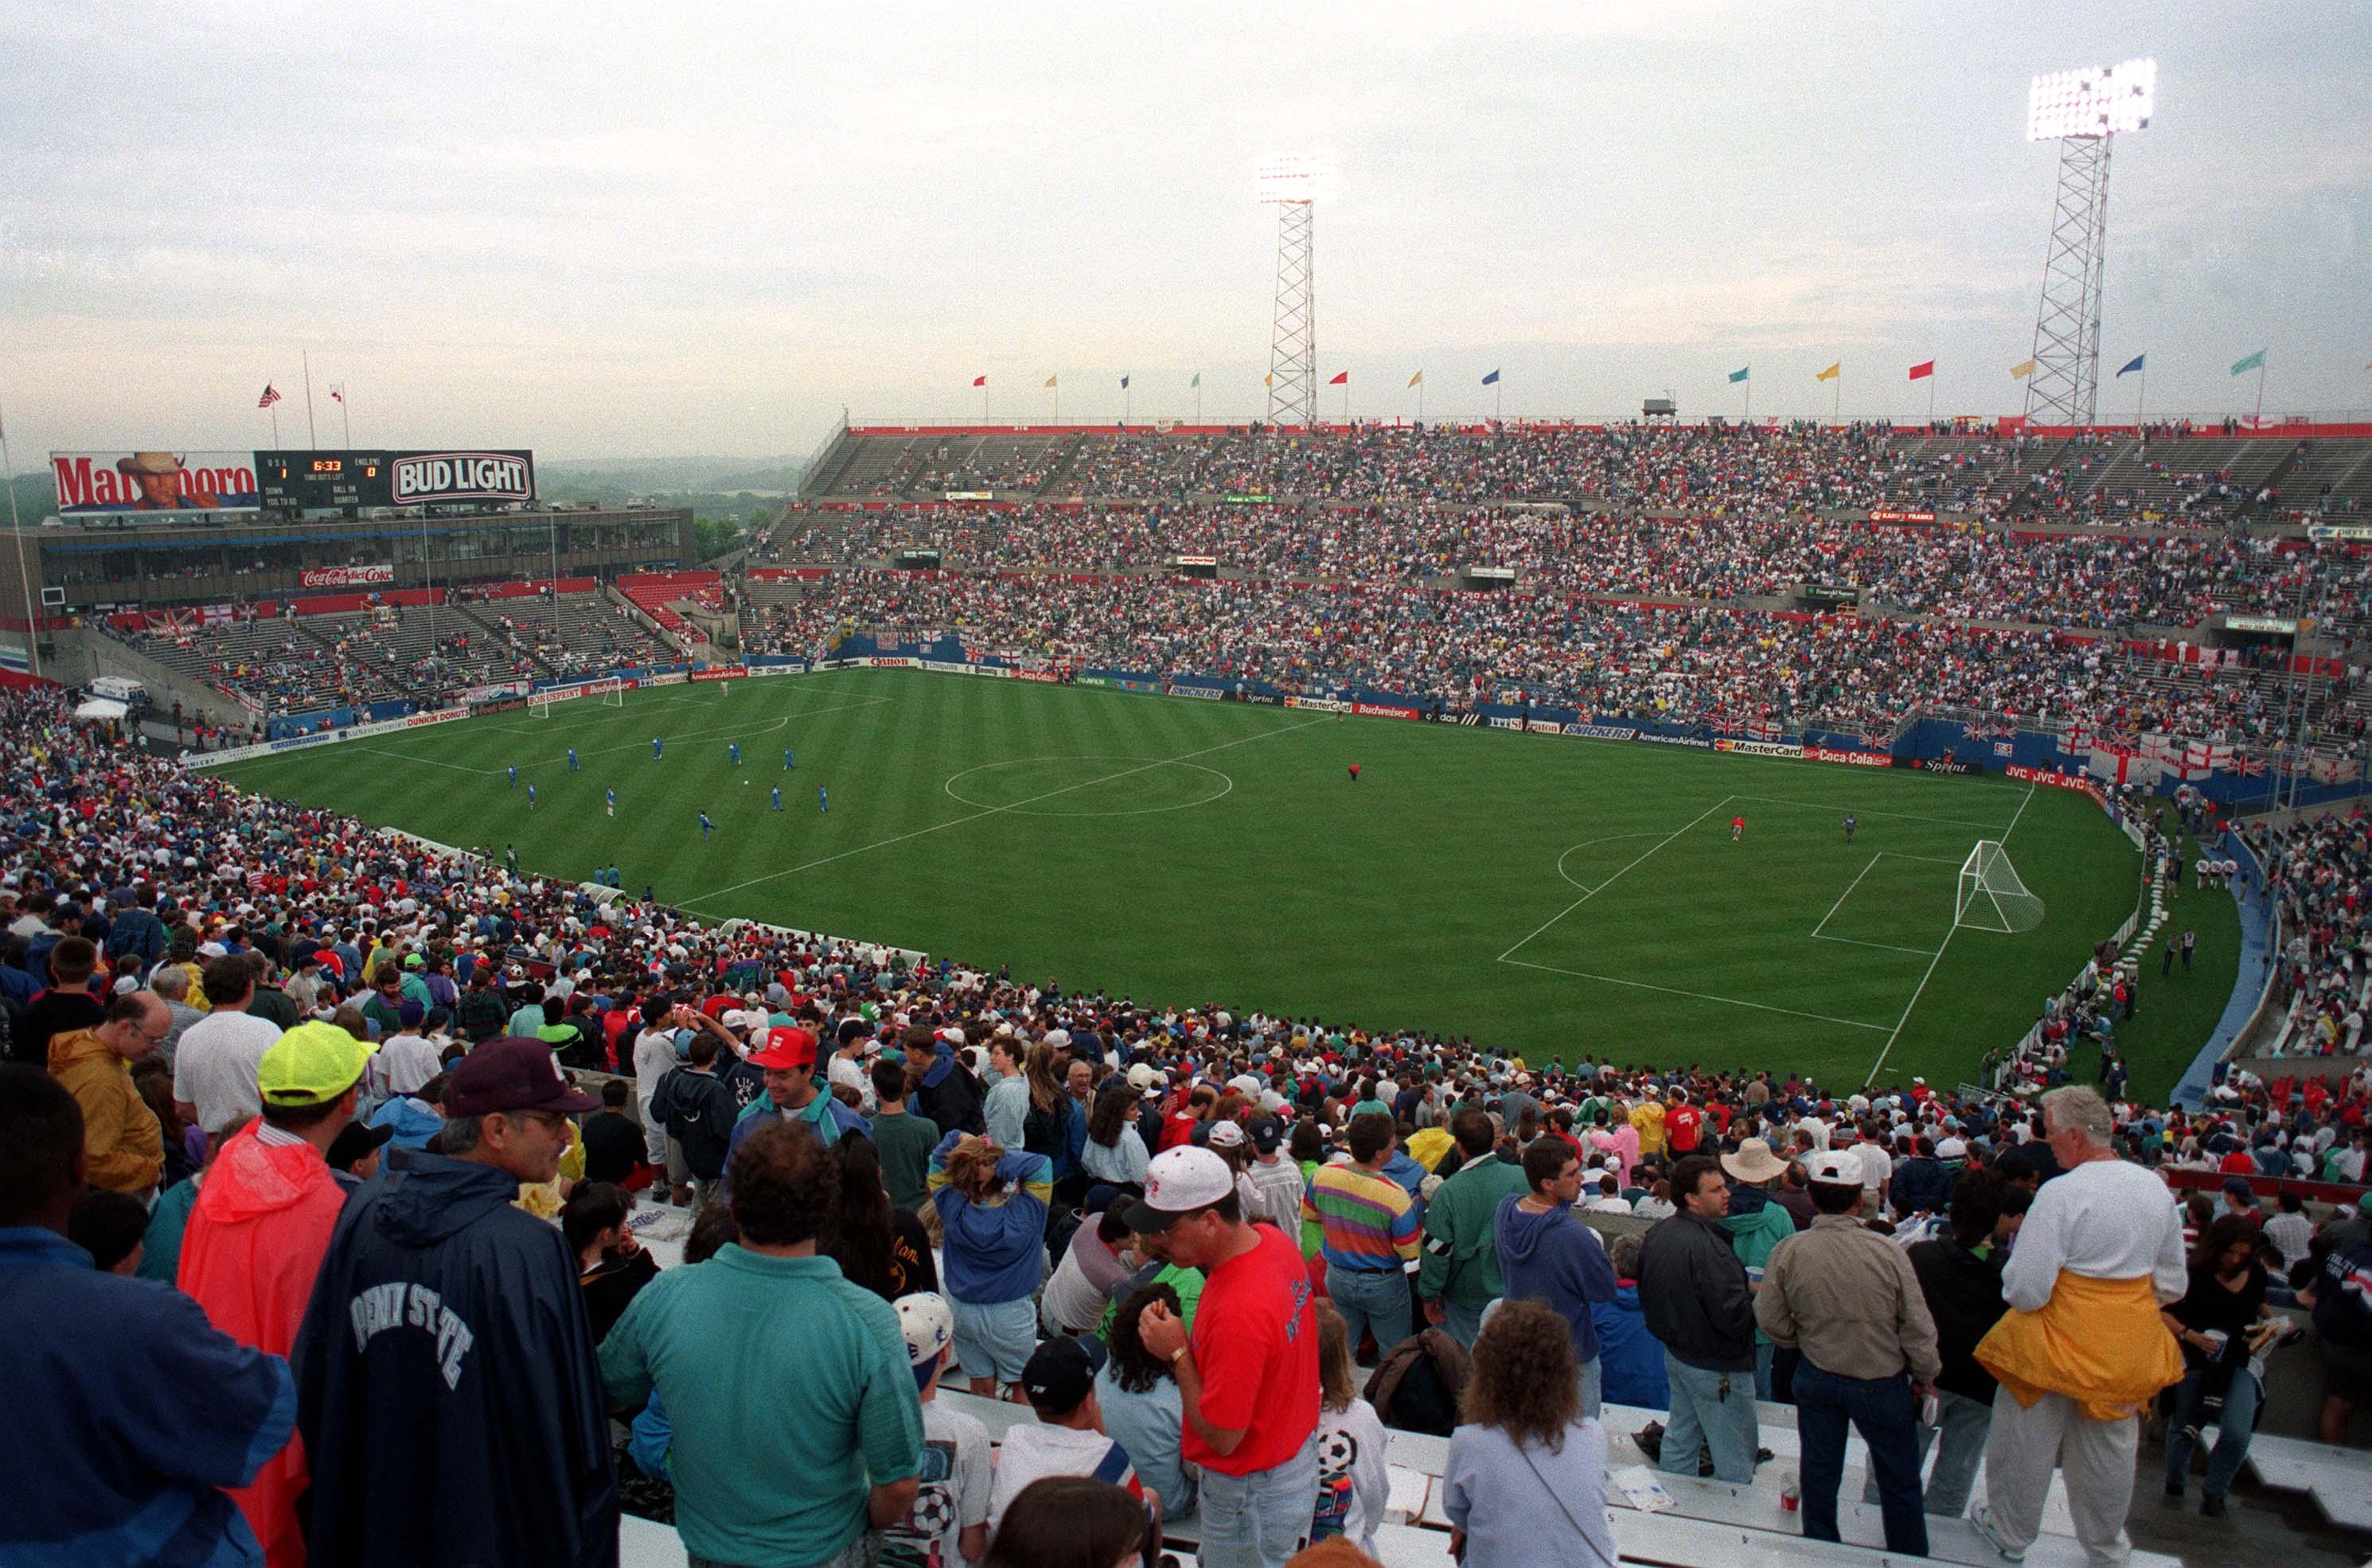 USA v England Football 1993